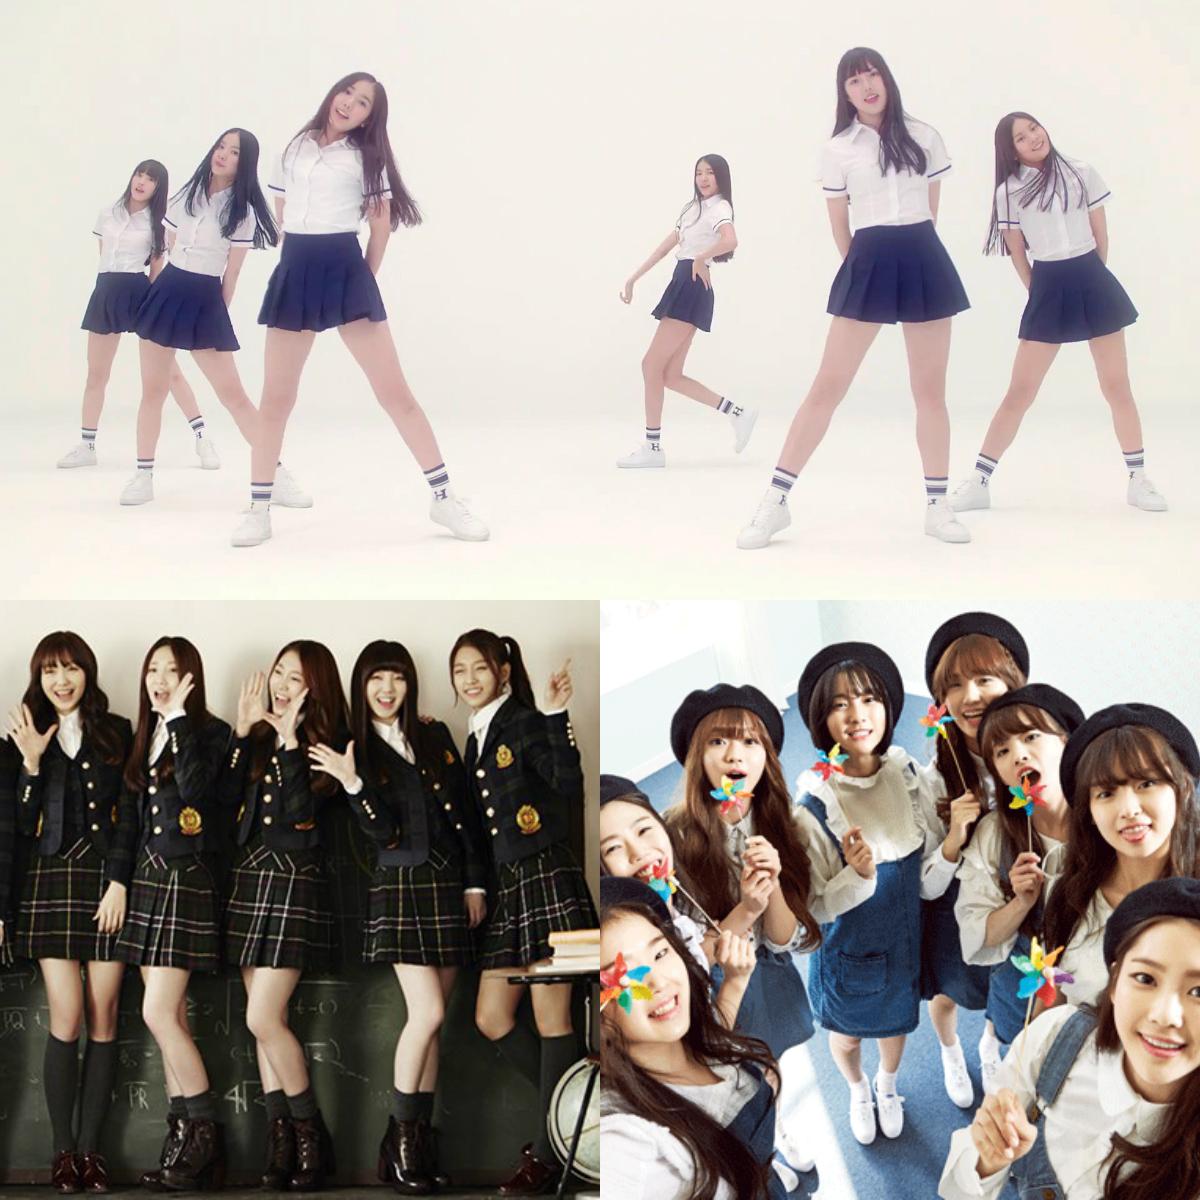 2015 Innocent Look Girl Groups